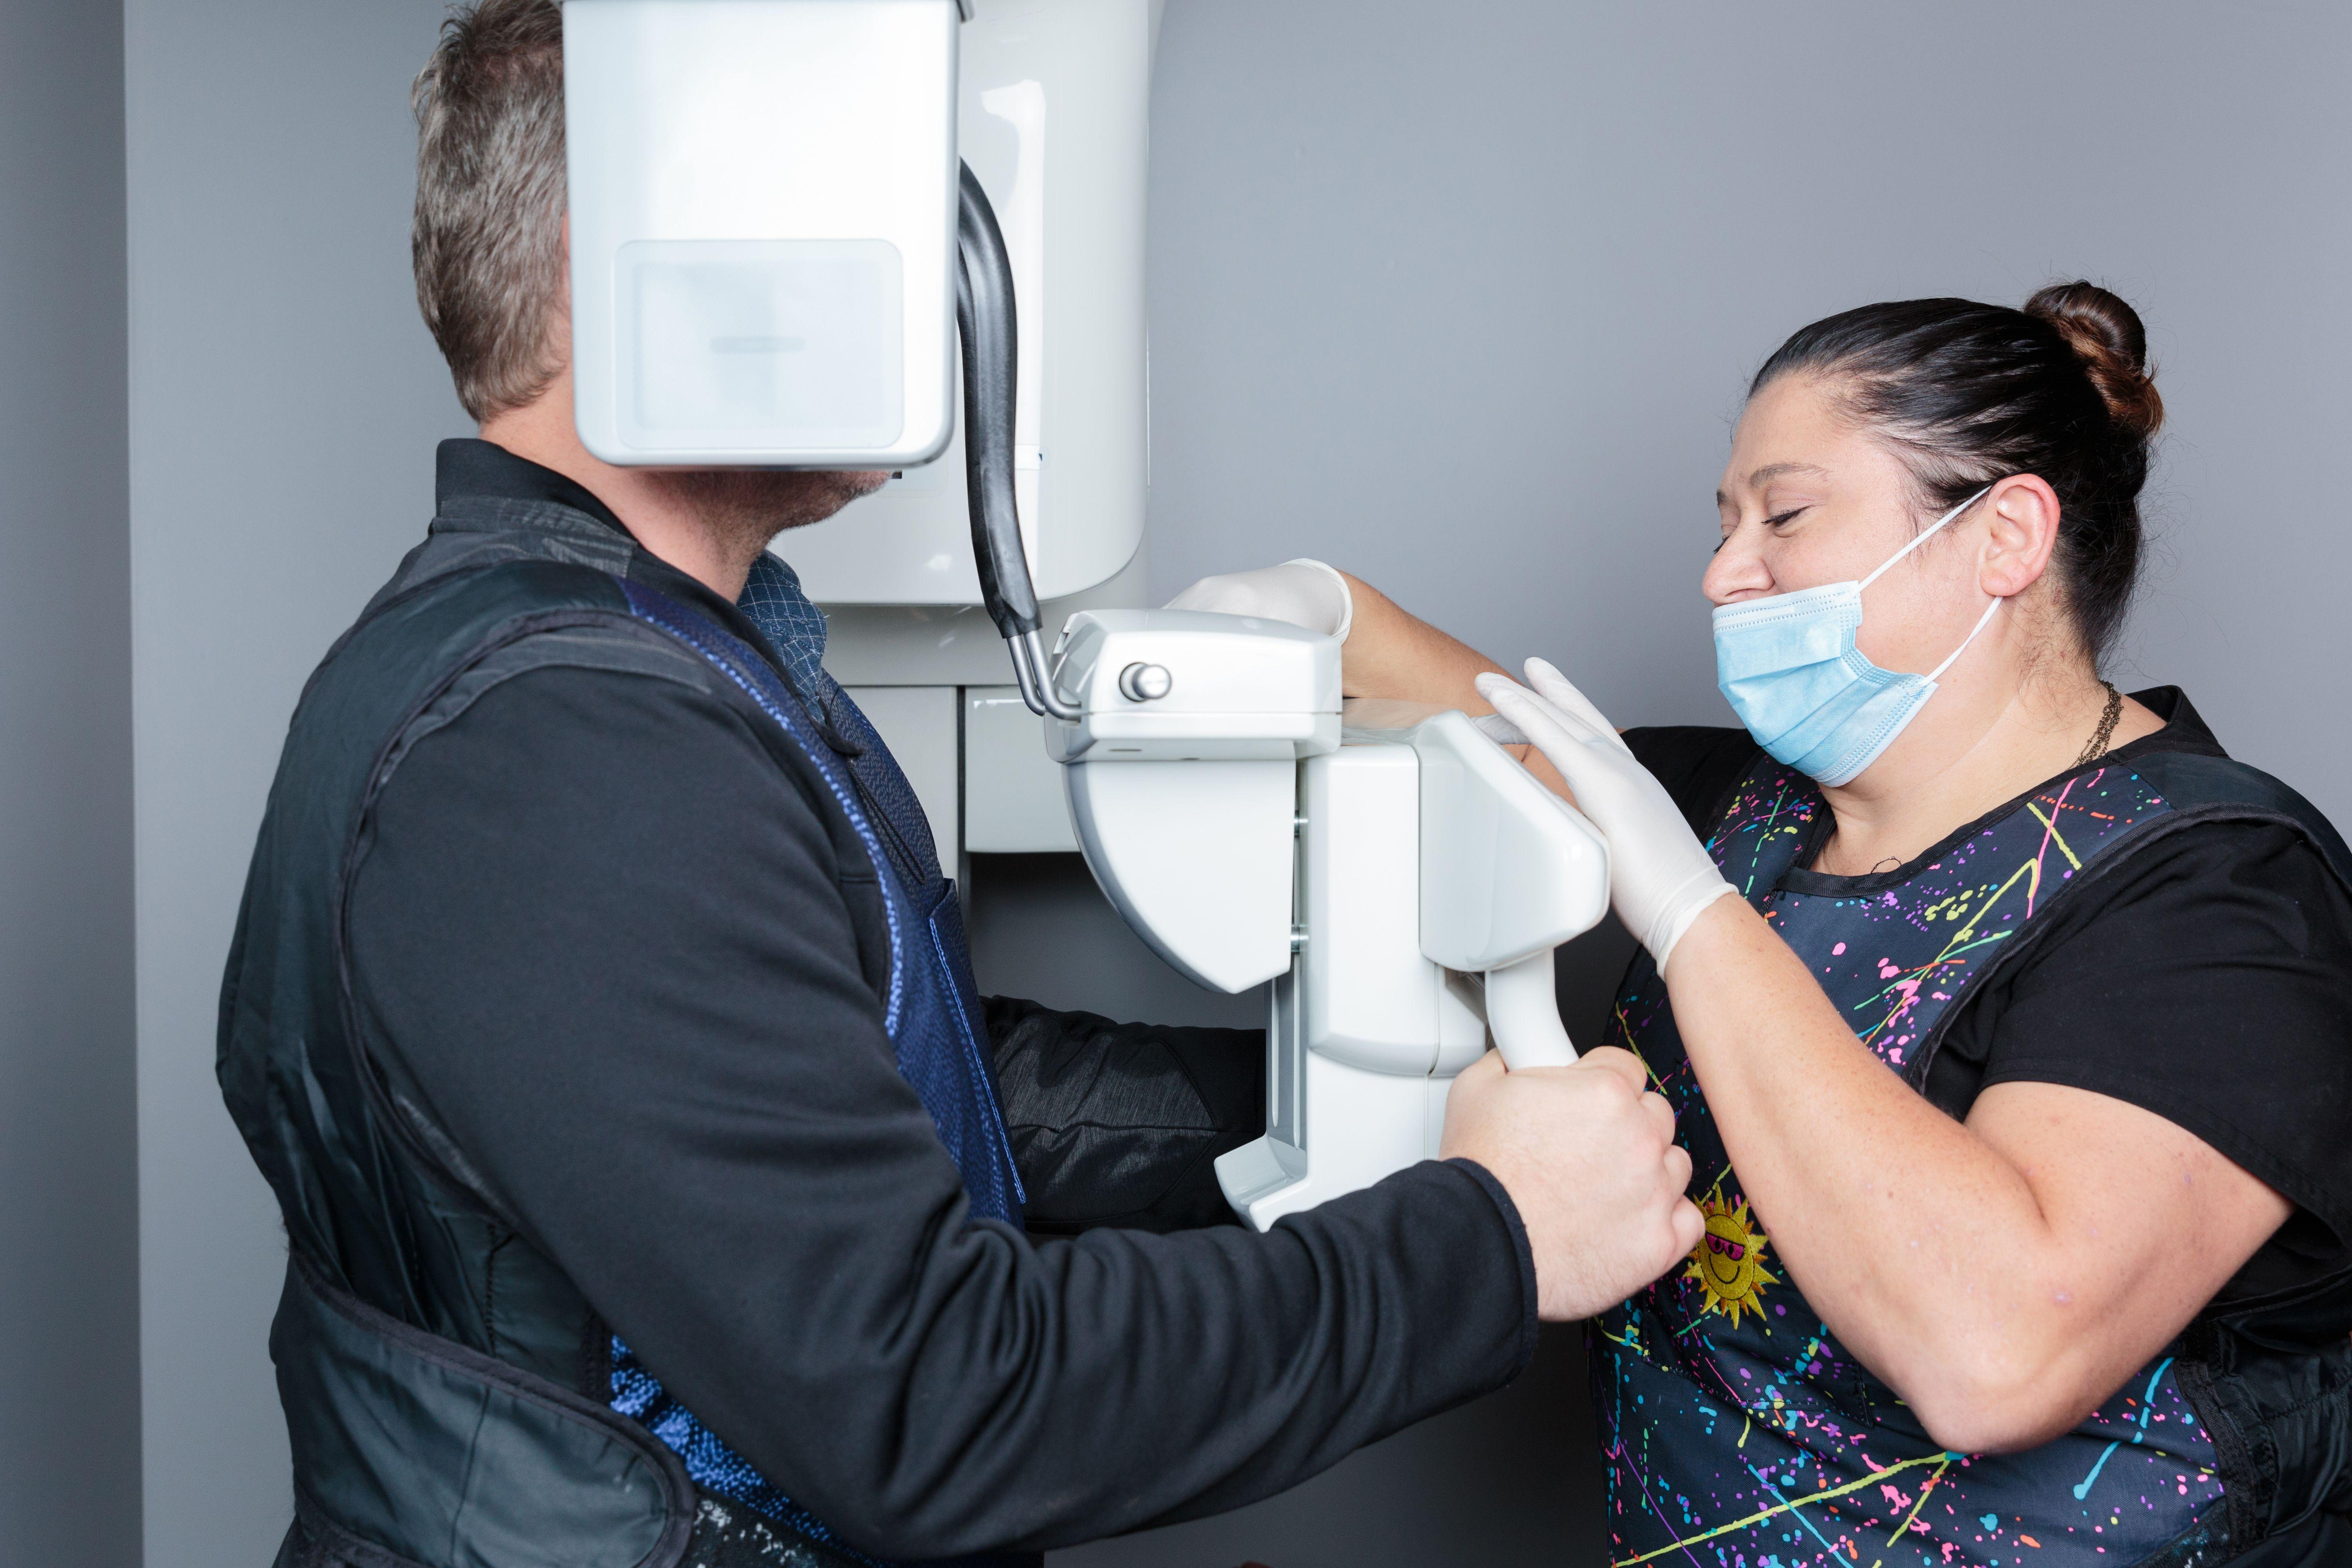 Periodontics Endodontics Oral Surgery Implants Root Canals